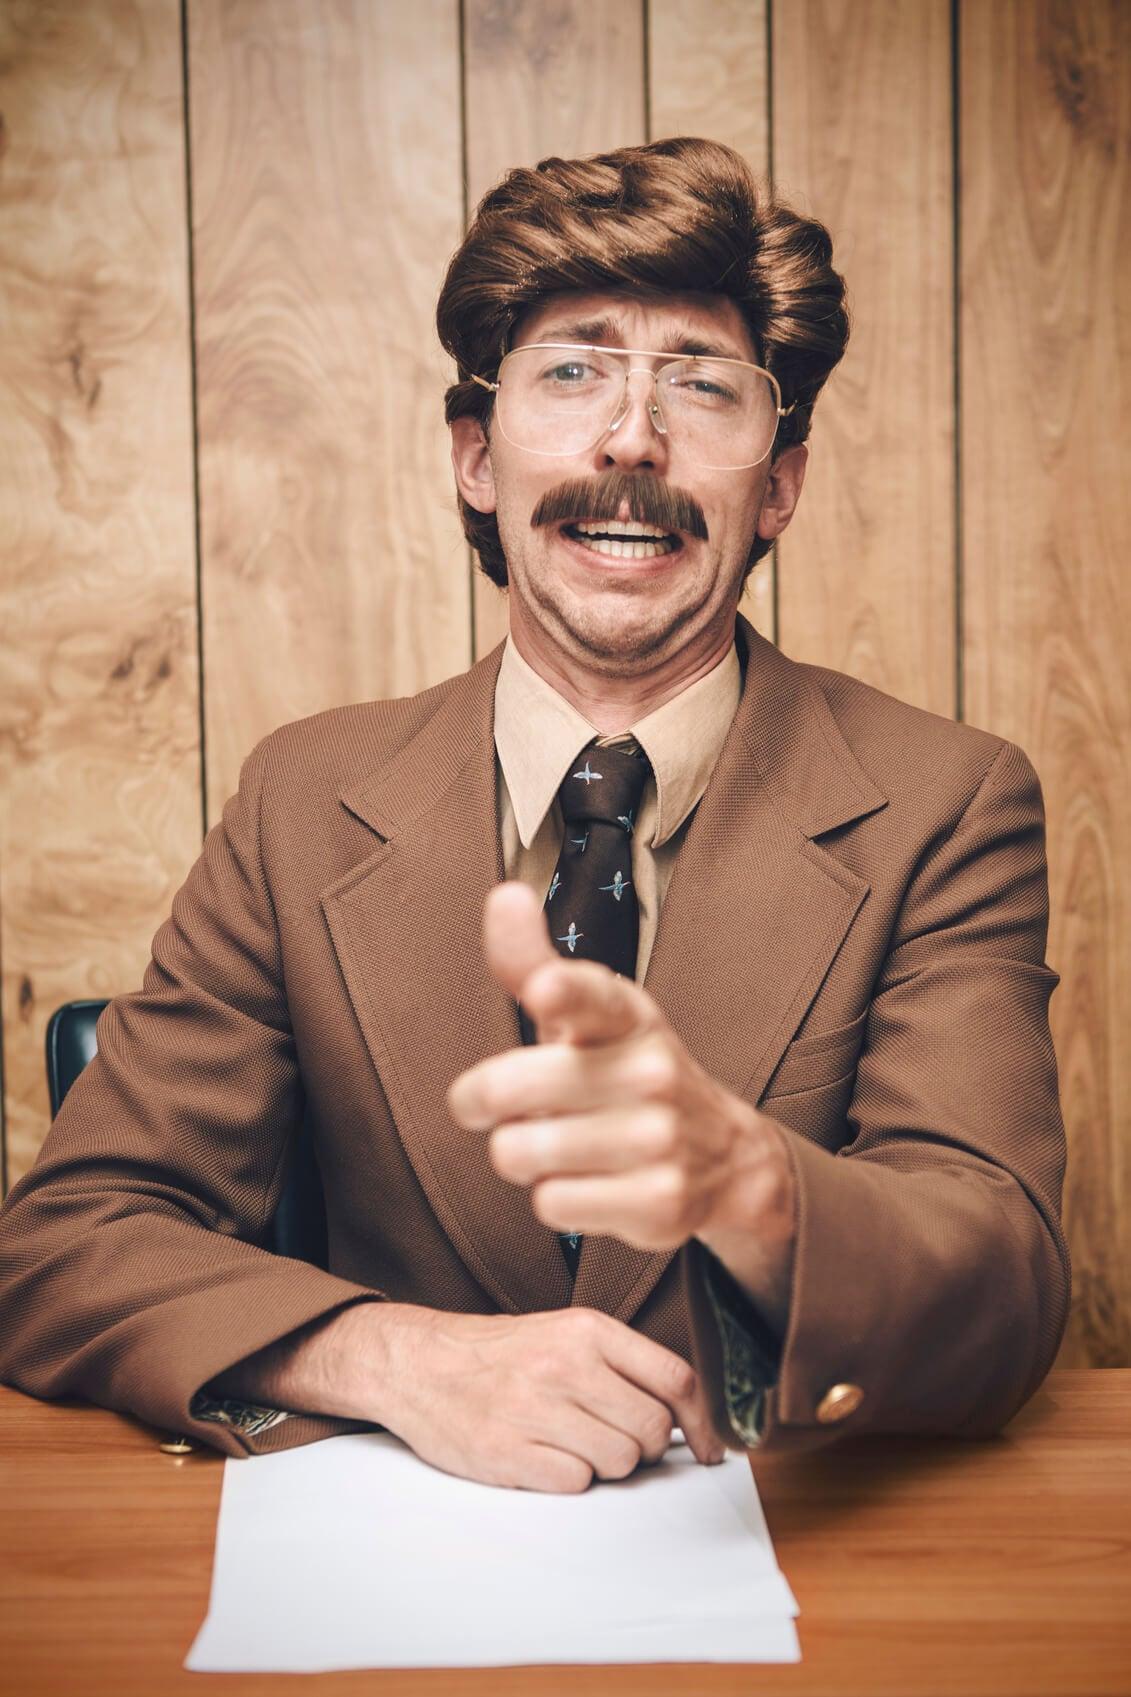 beard 70s mustache newsanchor